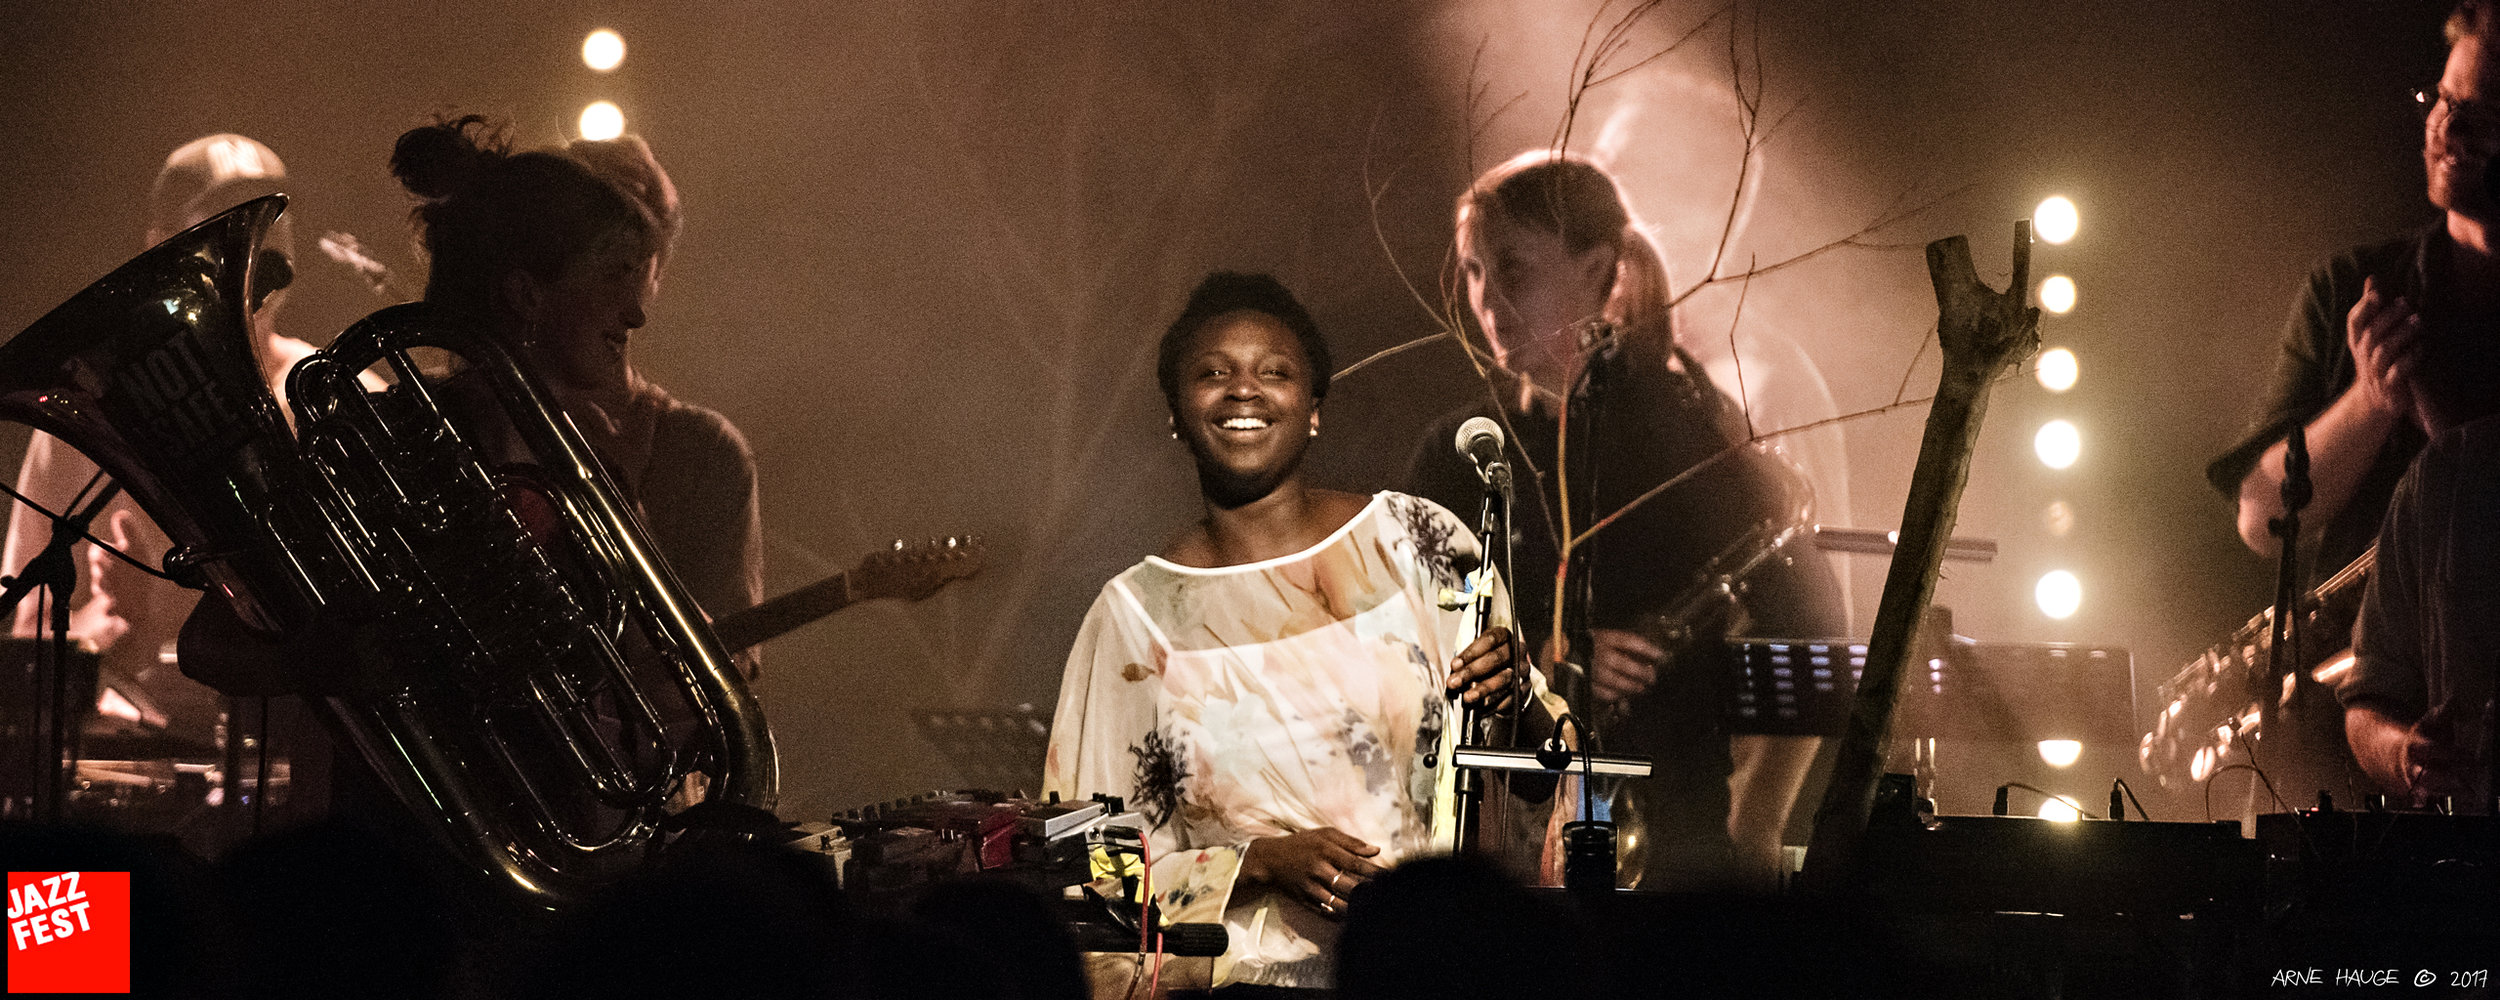 Trondheim Jazz Orch & Skrap_11.jpg